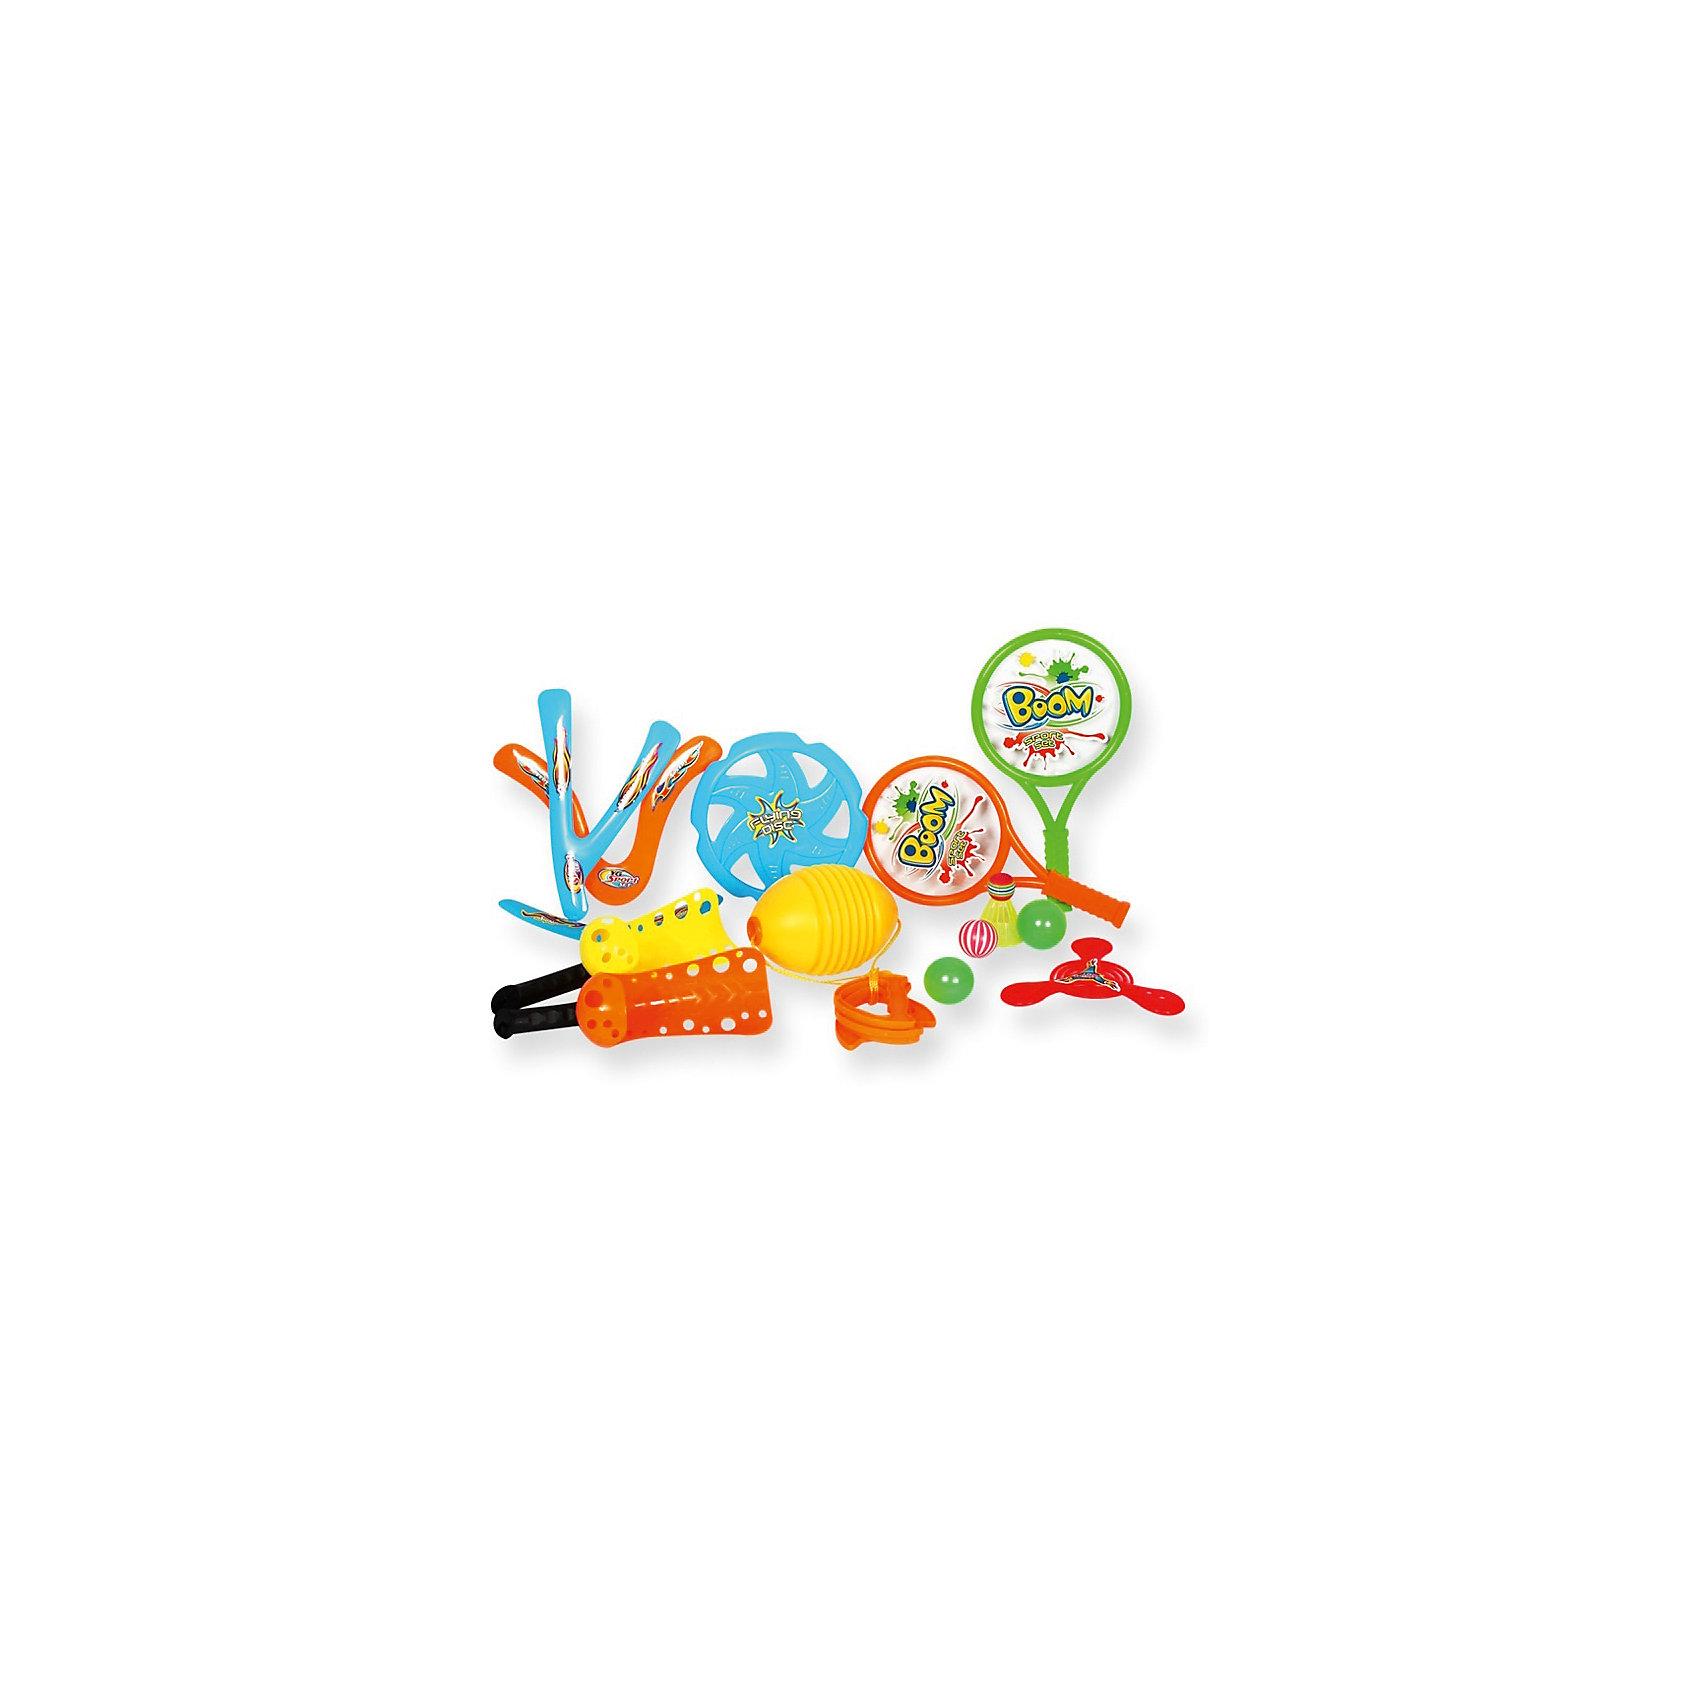 Игровой набор YG Sport 4 в 1, 14 предметов в сумкеИгровые наборы<br>Характеристики товара:<br><br>• возраст: от 3 лет;<br>• материал: пластик;<br>• в комплекте: игра Гироскоп, волан, 2 ракетки, 3 мяча, 5 летающих дисков, 2 ракетки-ловушки;<br>• размер упаковки: 36х24,5х13,5 см;<br>• вес упаковки: 500 гр.;<br>• страна производитель: Китай.<br><br>Игровой набор для детей «4 в 1» 14 предметов в сумке YG Sport — набор аксессуаров для активного летнего отдыха на свежем воздухе. Все предметы упакованы в удобную сумочку для переноски, позволяющую брать набор с собой на природу, на отдых, на дачу или на пикник. <br><br>Игровой набор для детей «4 в 1» 14 предметов в сумке YG Sport можно приобрести в нашем интернет-магазине.<br><br>Ширина мм: 245<br>Глубина мм: 135<br>Высота мм: 360<br>Вес г: 500<br>Возраст от месяцев: 36<br>Возраст до месяцев: 2147483647<br>Пол: Унисекс<br>Возраст: Детский<br>SKU: 6674854